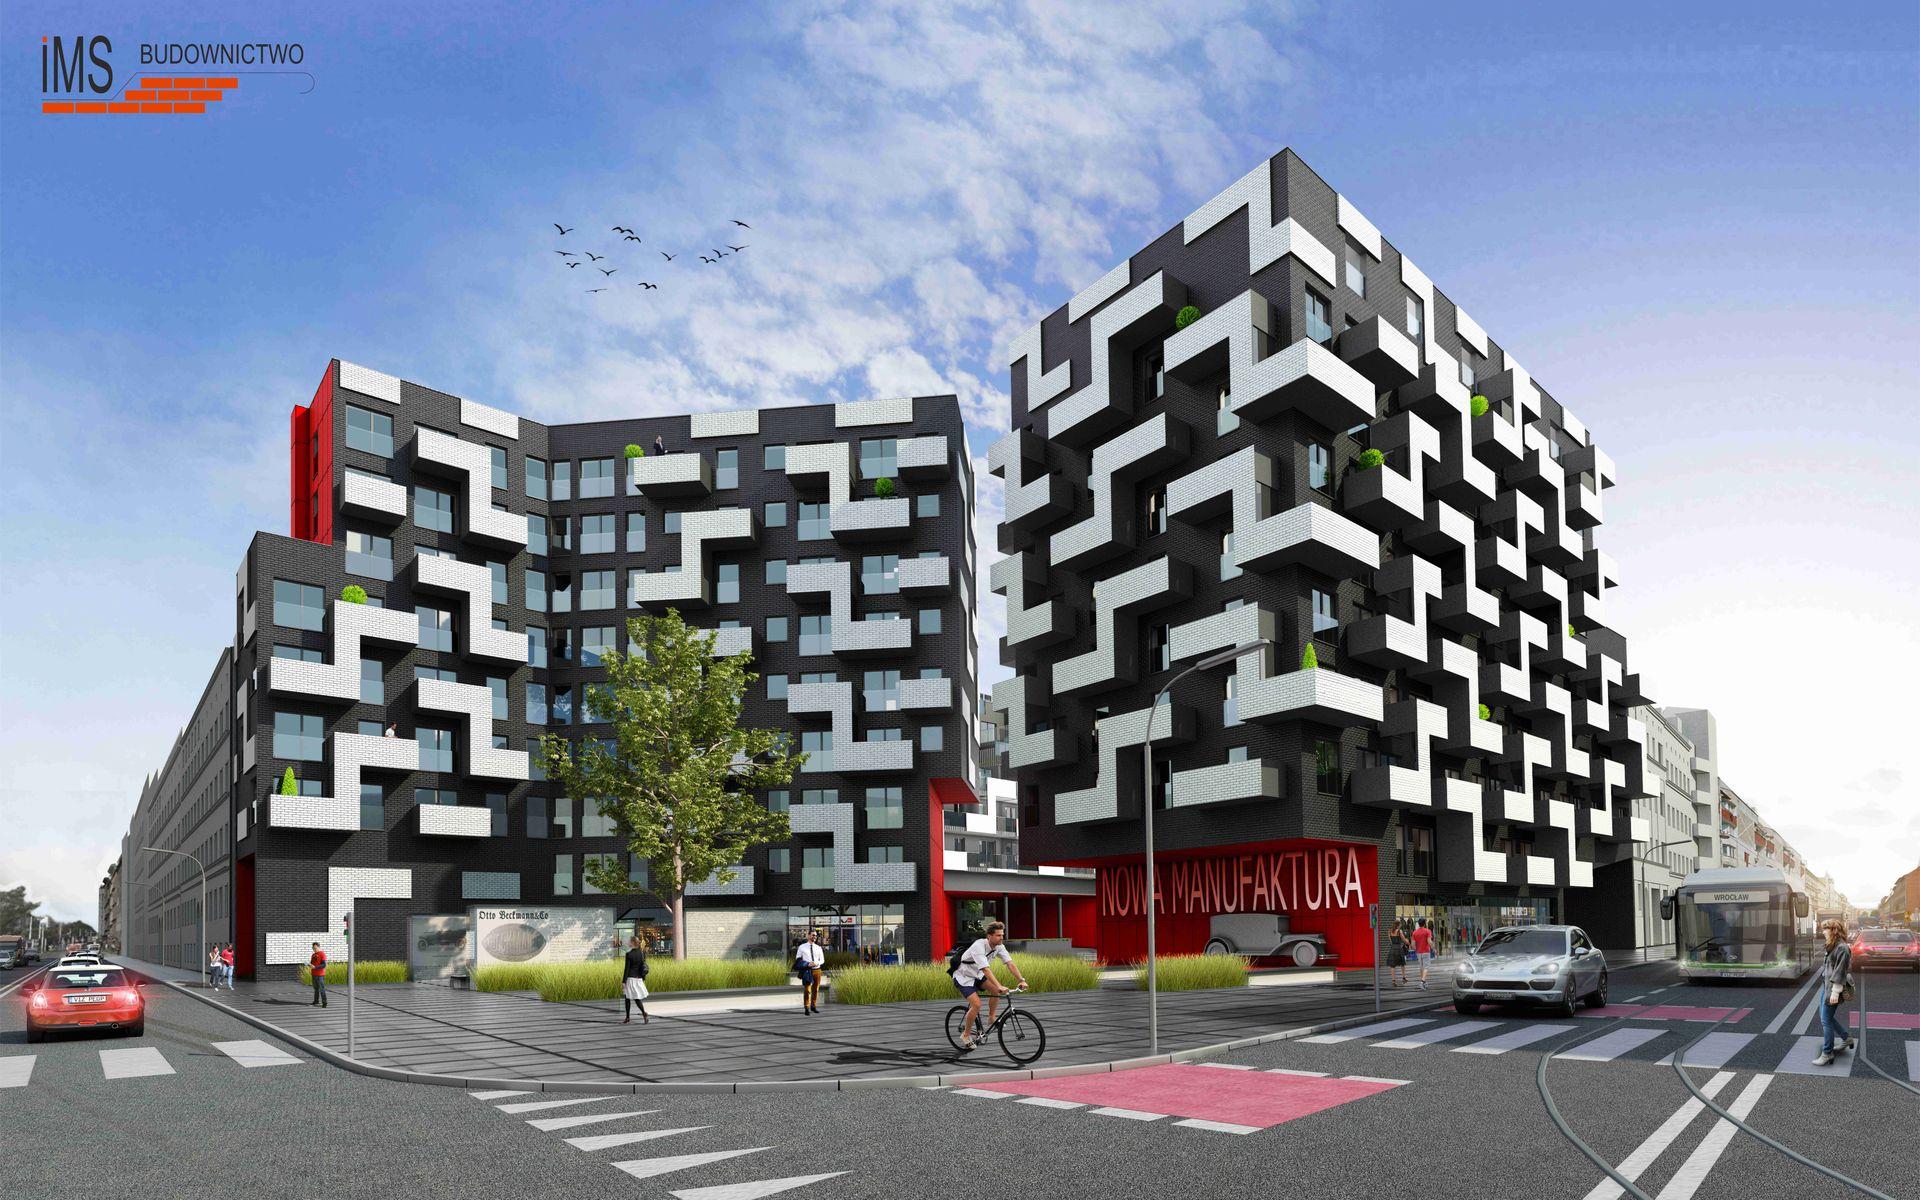 Wrocław: Nowa Manufaktura – IMS zbuduje osiedle w miejsce dawnej fabryki samochodów na Przedmieściu Oławskim